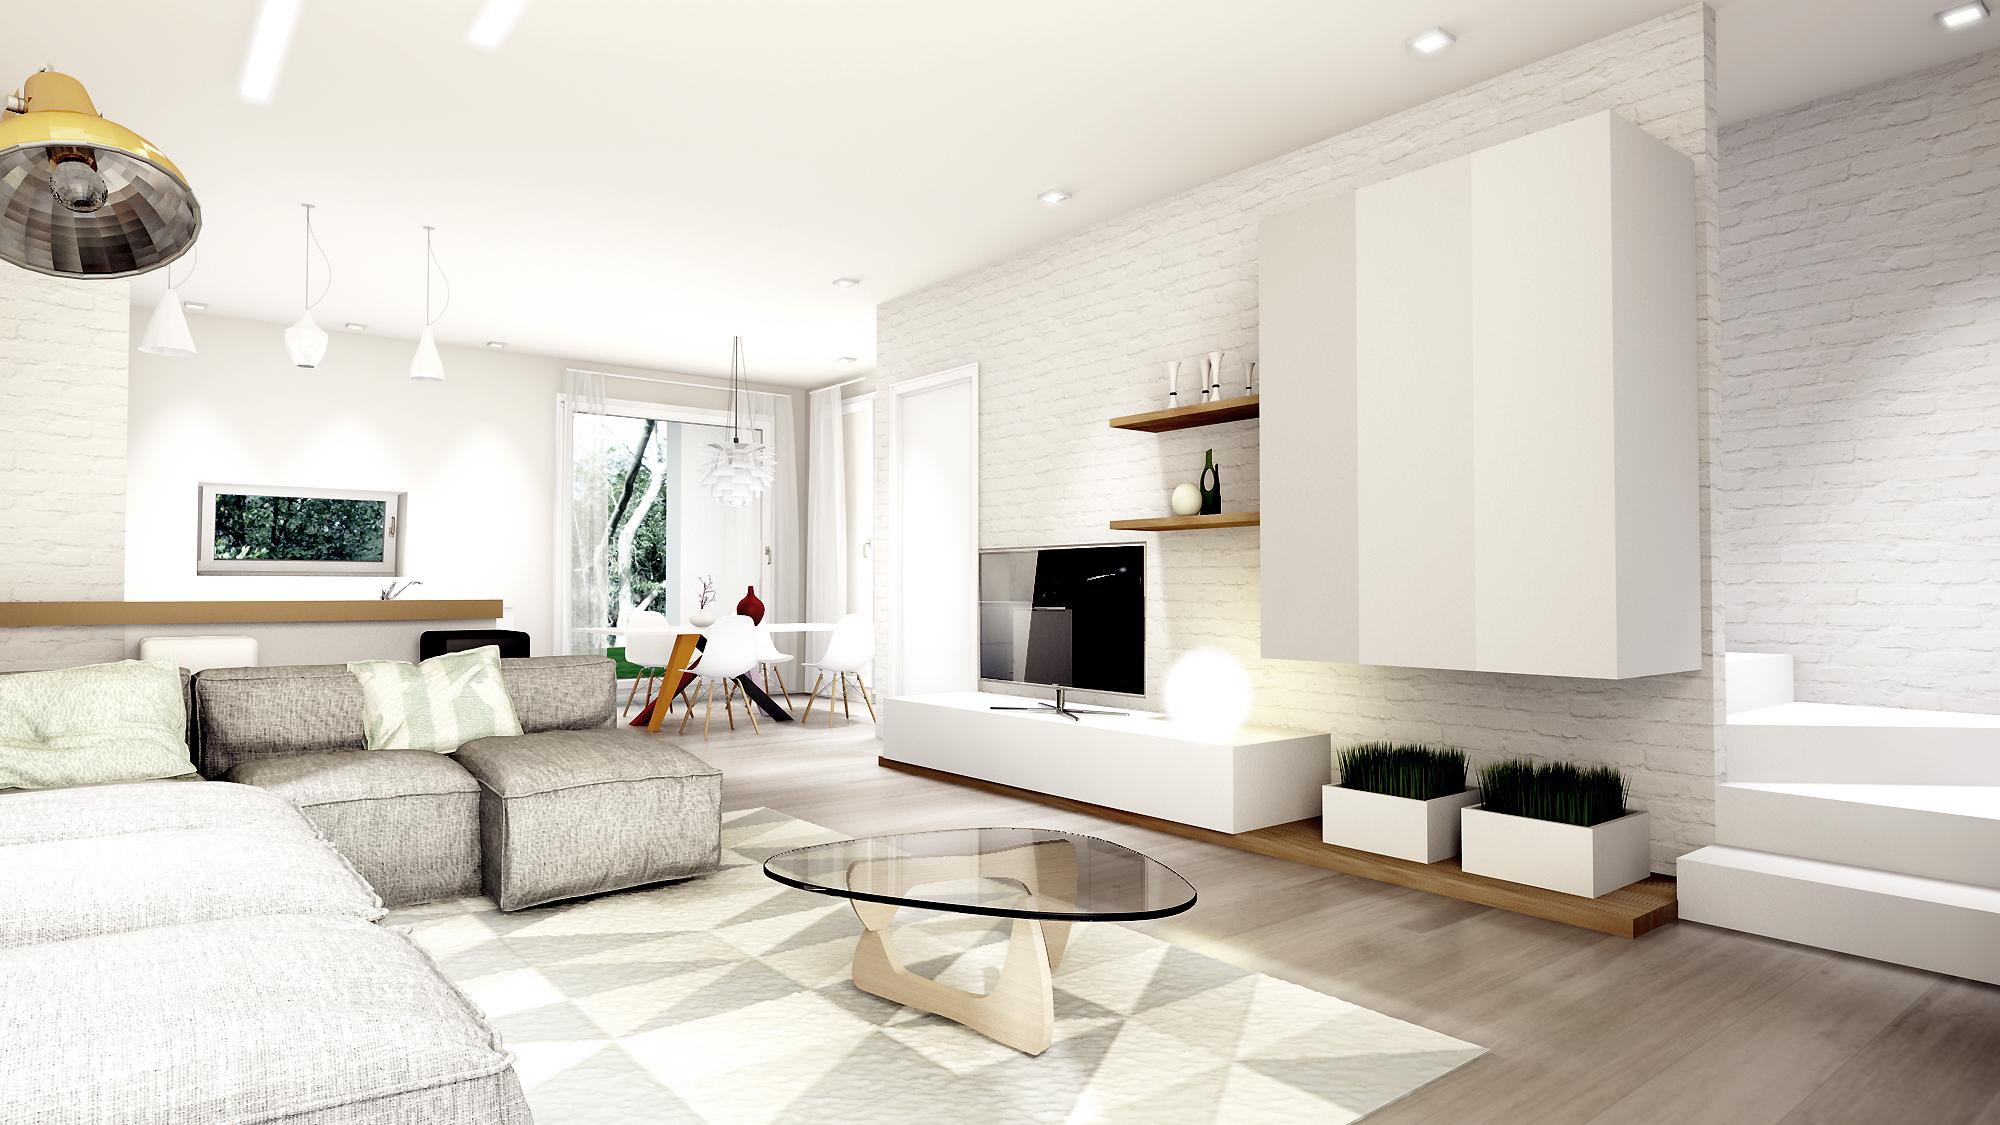 italconst quadrifamiliare interno 0201